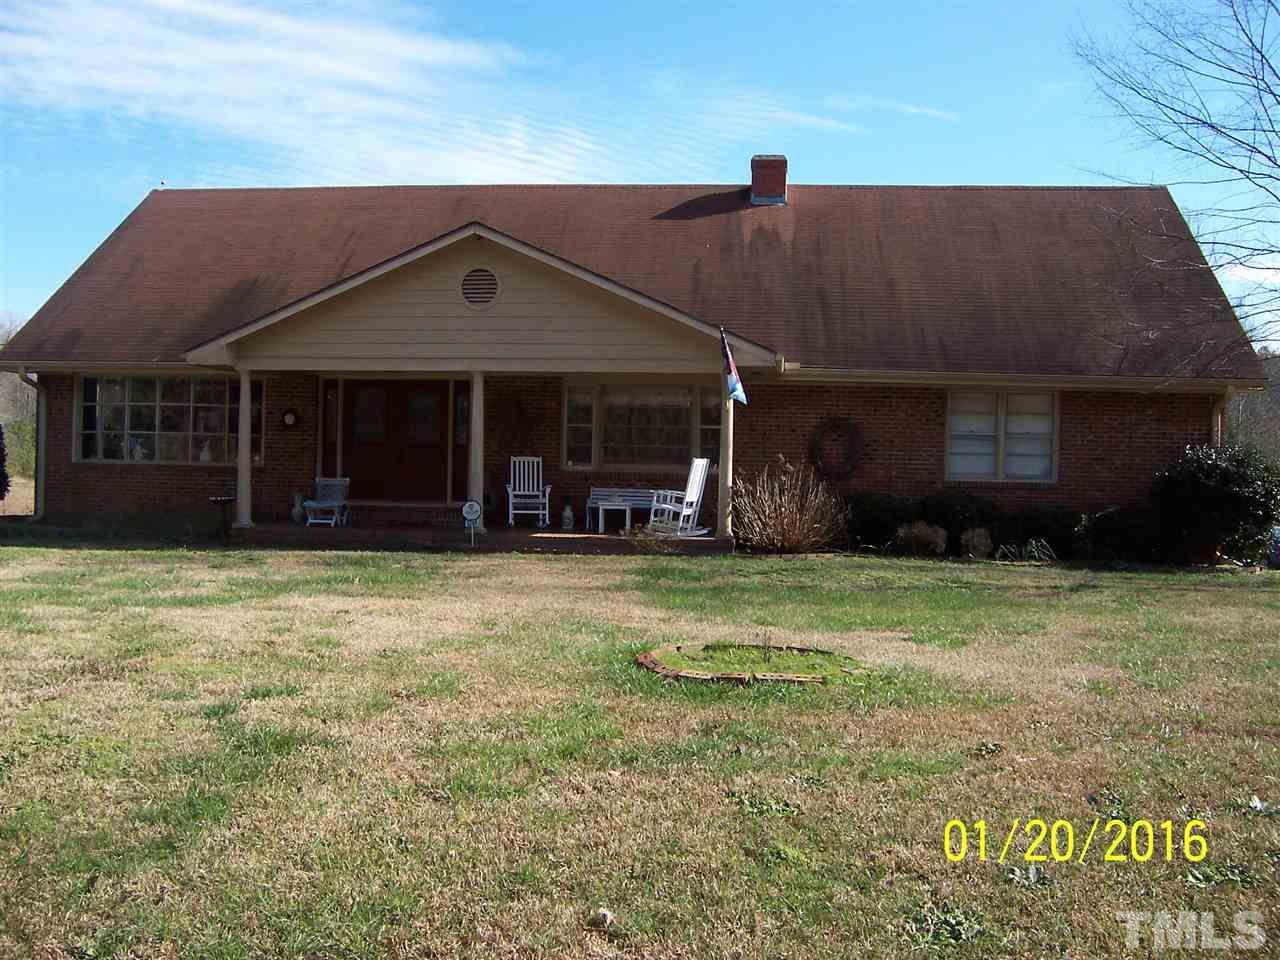 8268 Nc 96 Hwy, Selma, NC